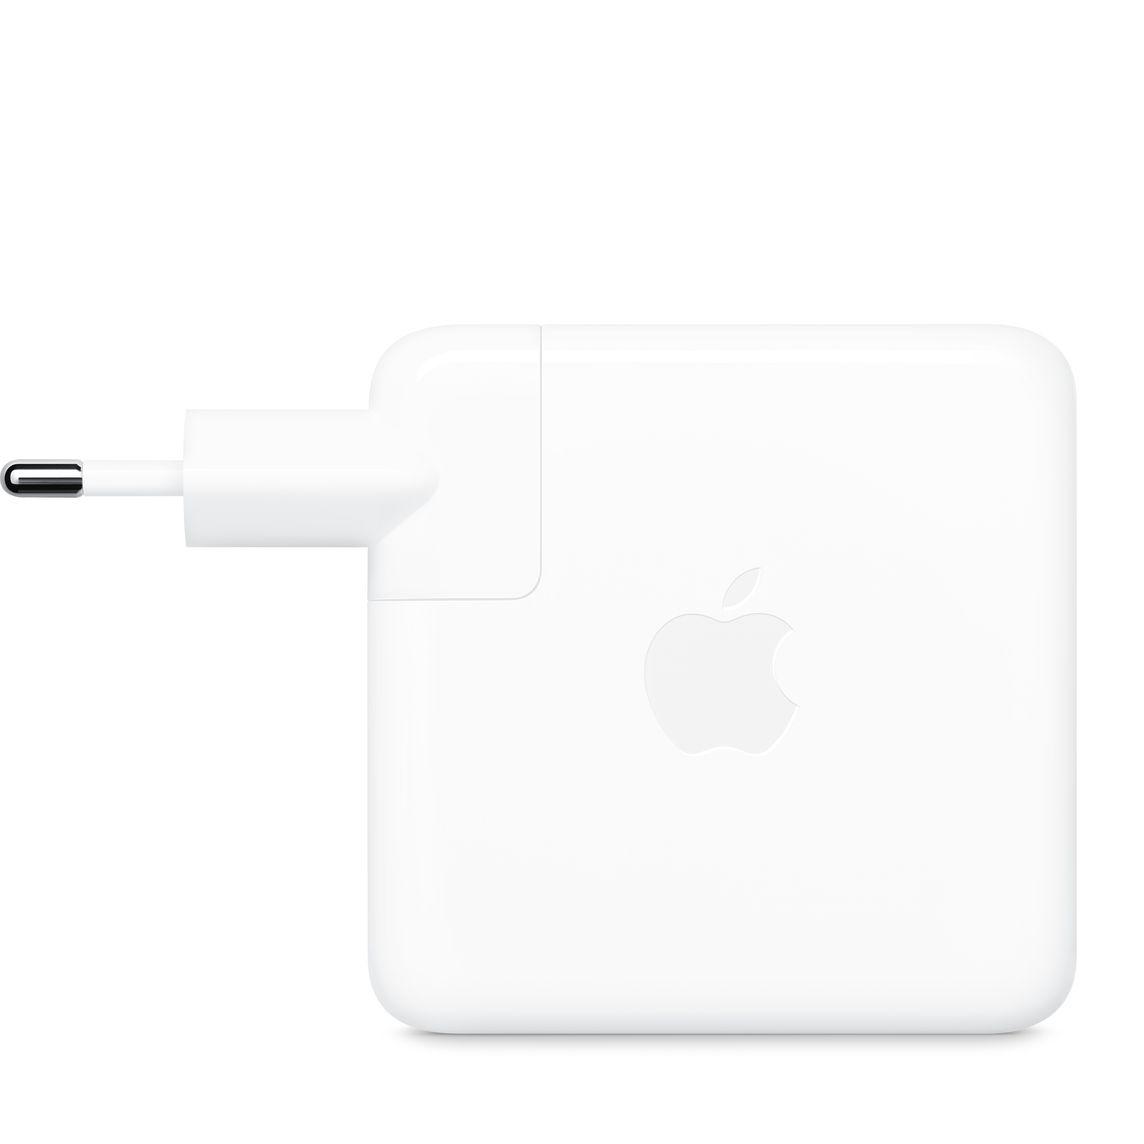 Boitier chargeur macbookpro13 défectueux